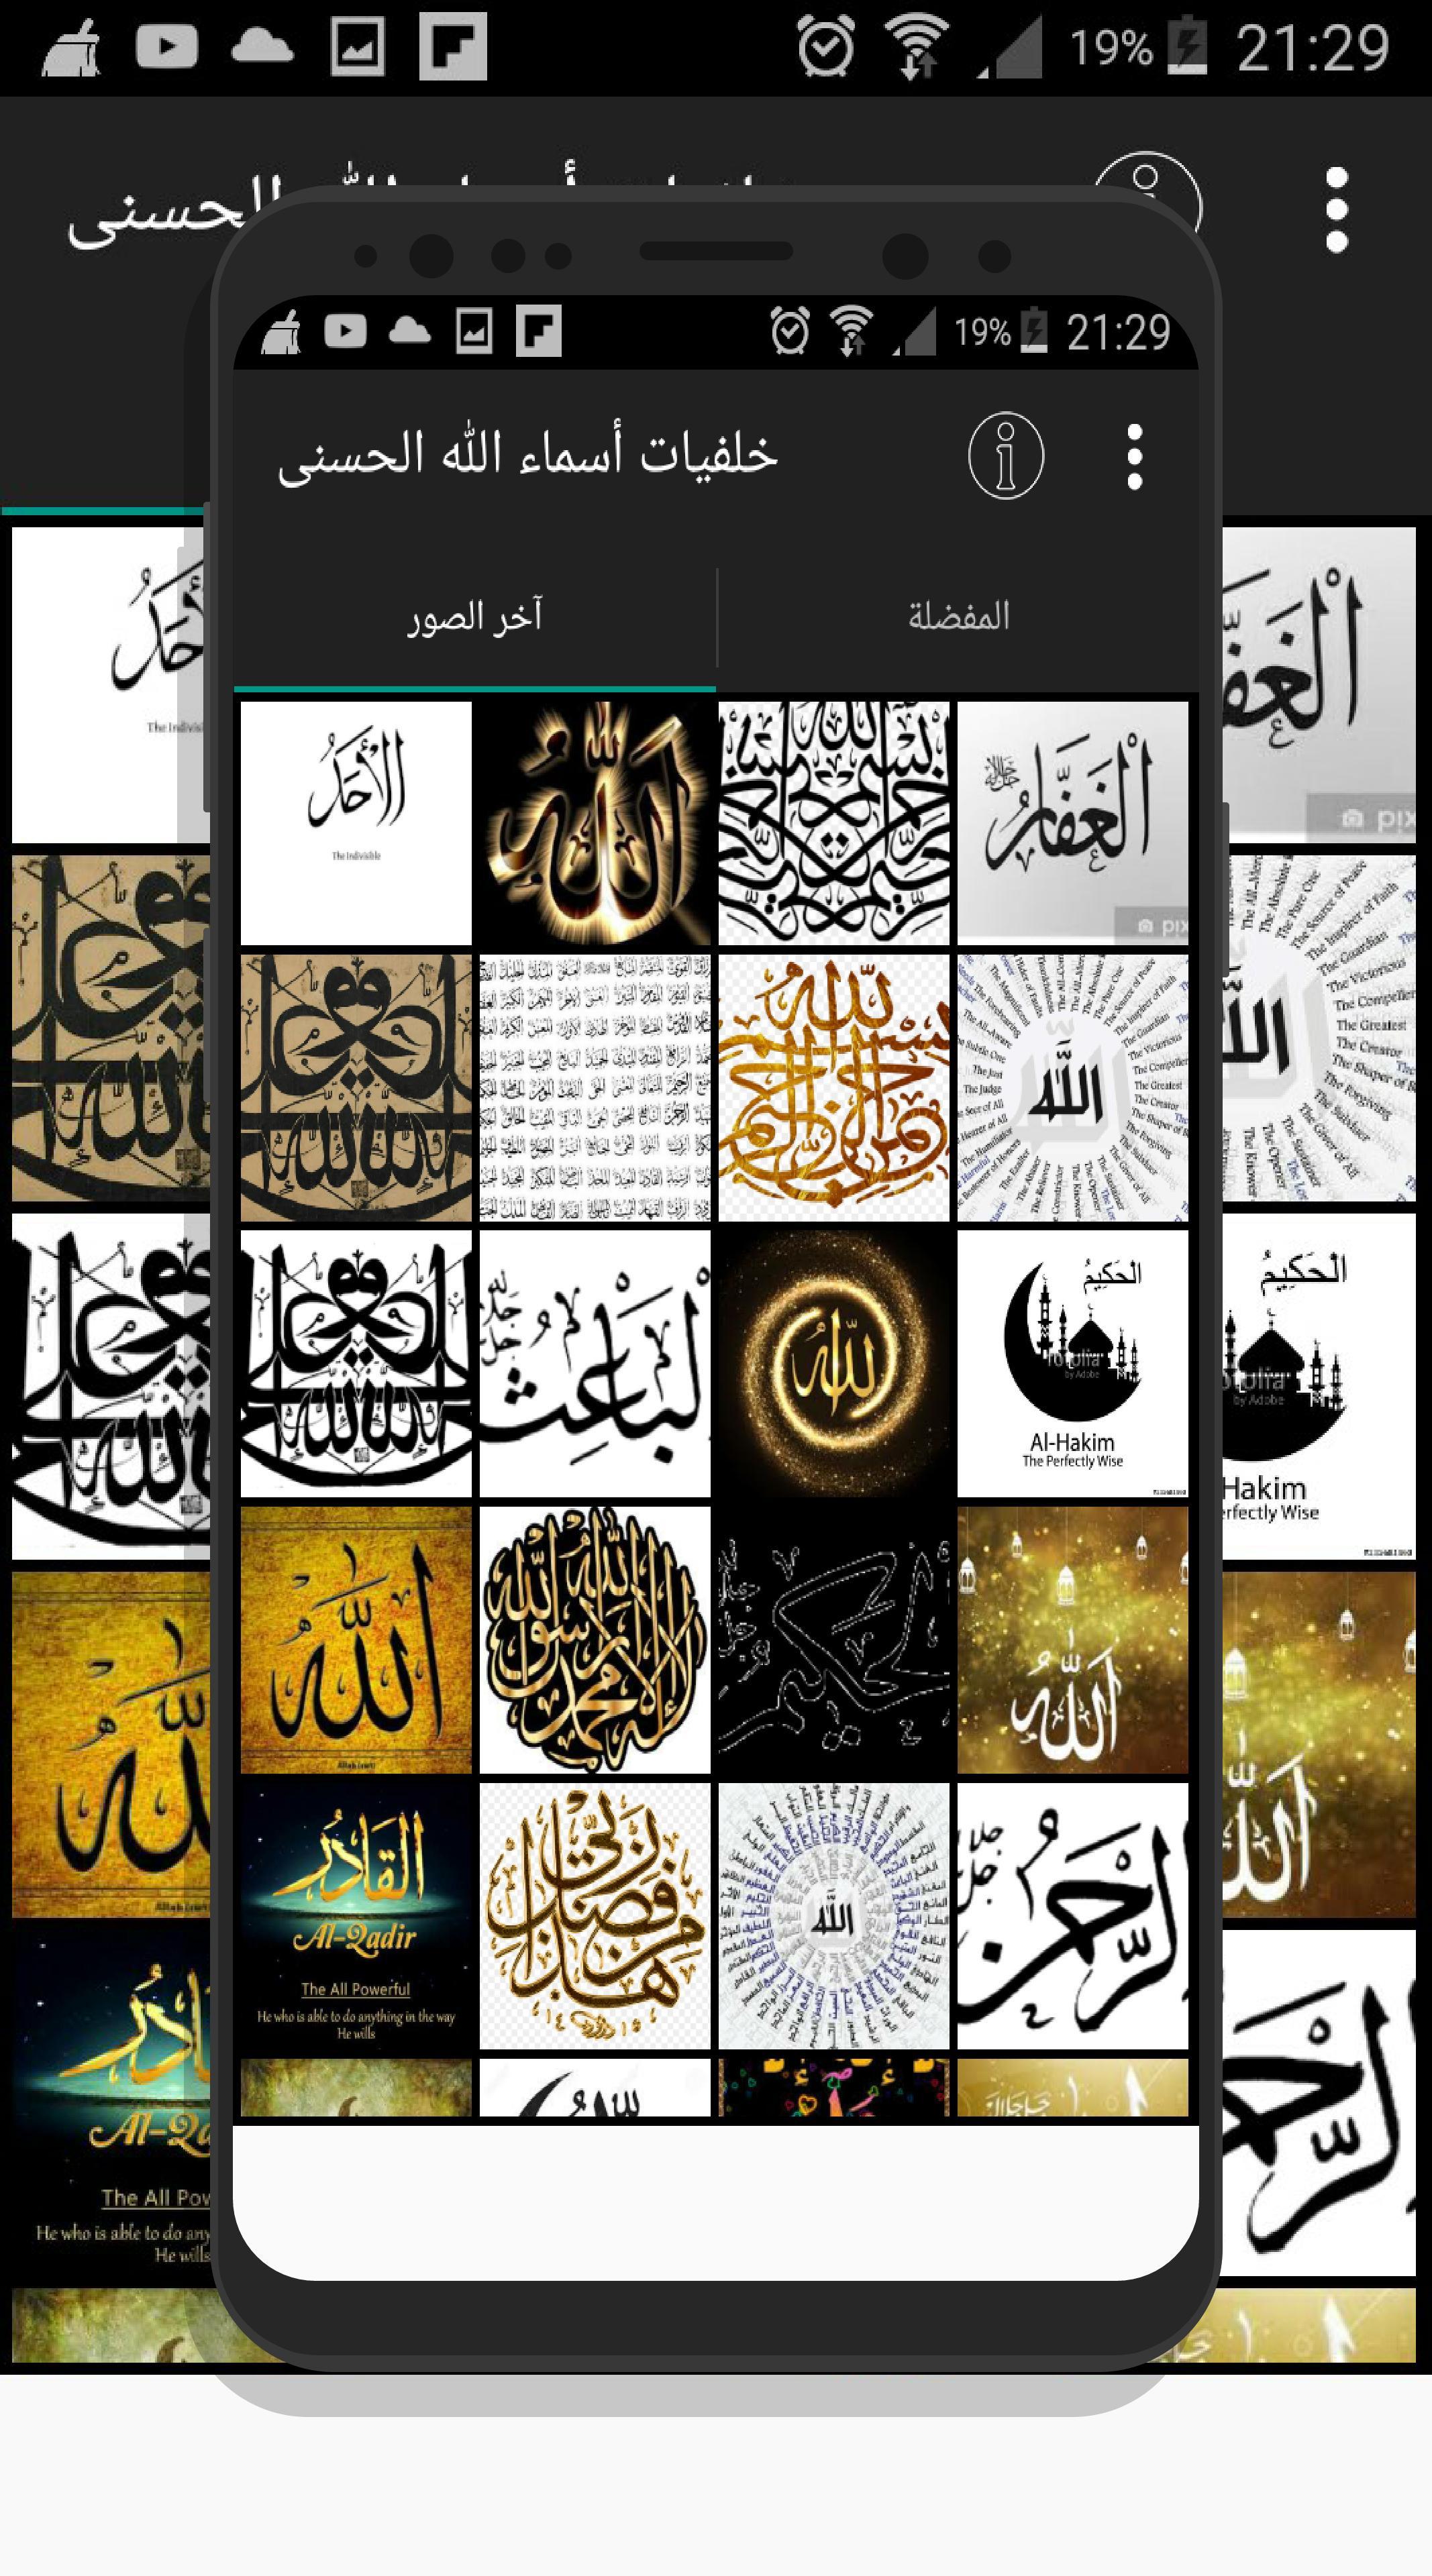 خلفيات أسماء الله الحسنى For Android Apk Download